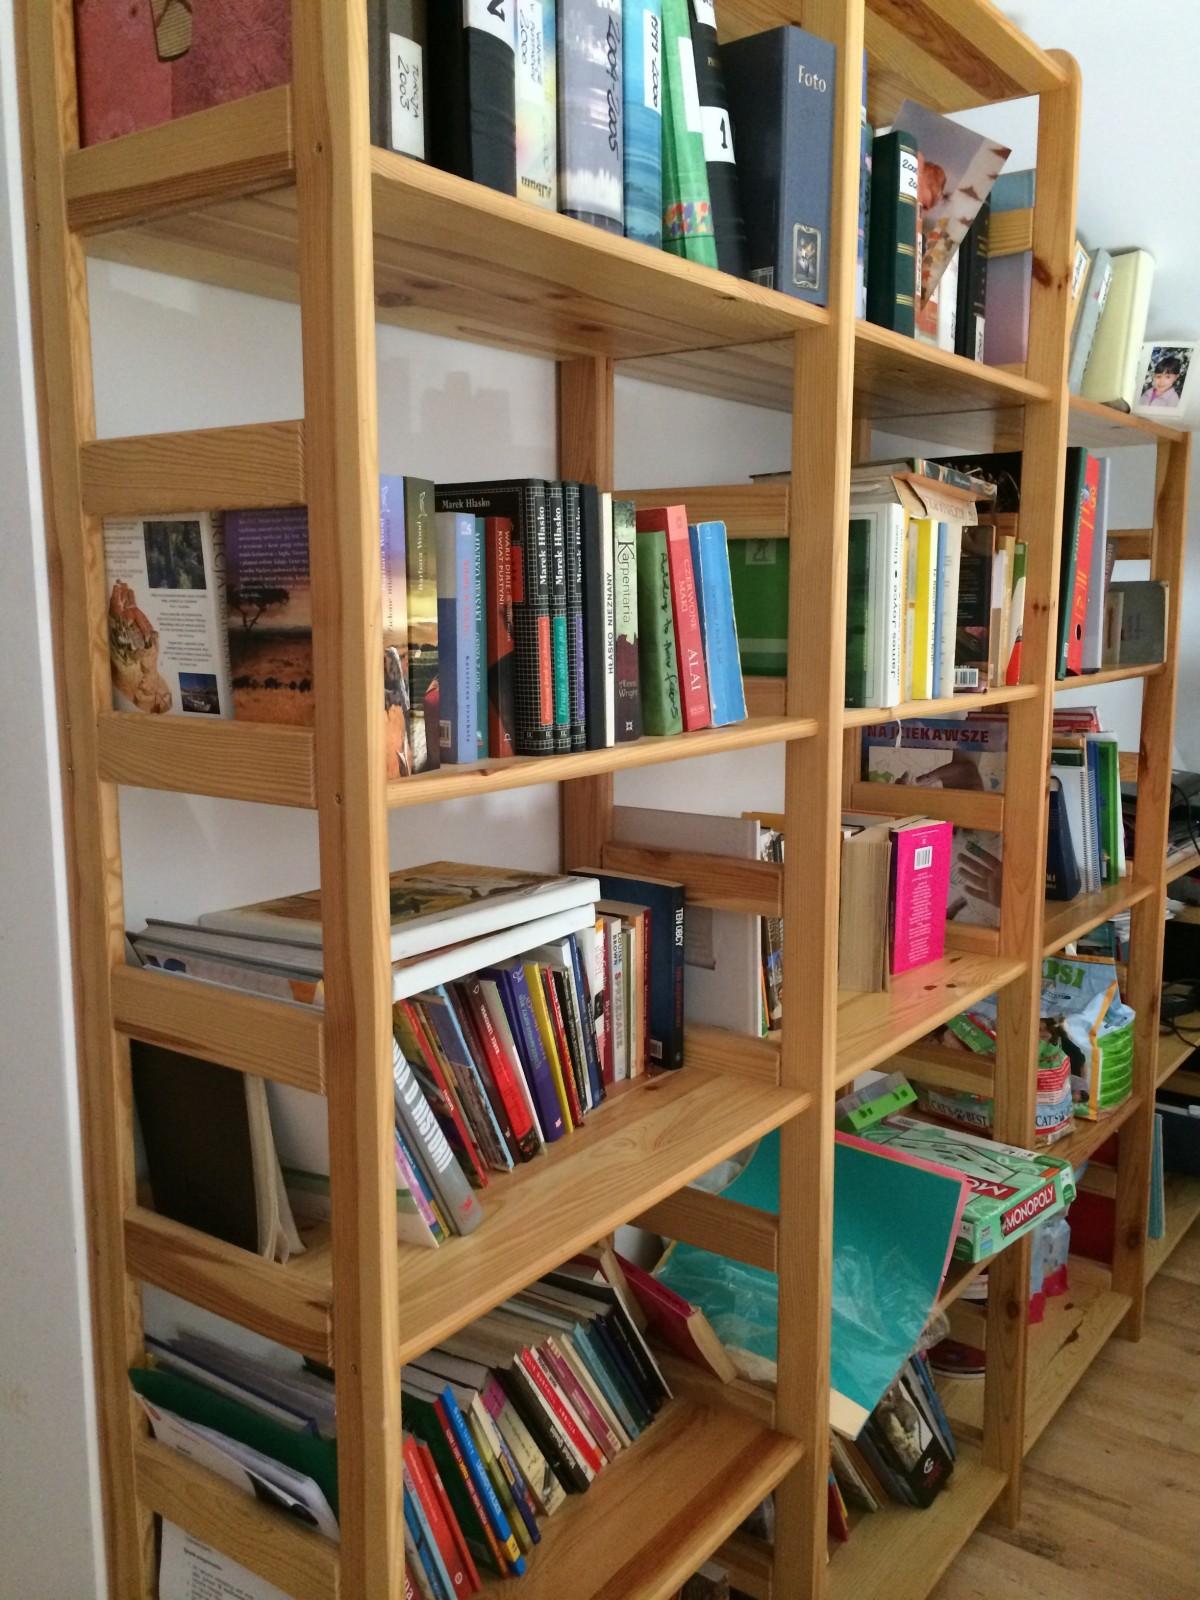 Fotos gratis libro casa estante mueble educaci n - Estanteria libros ...